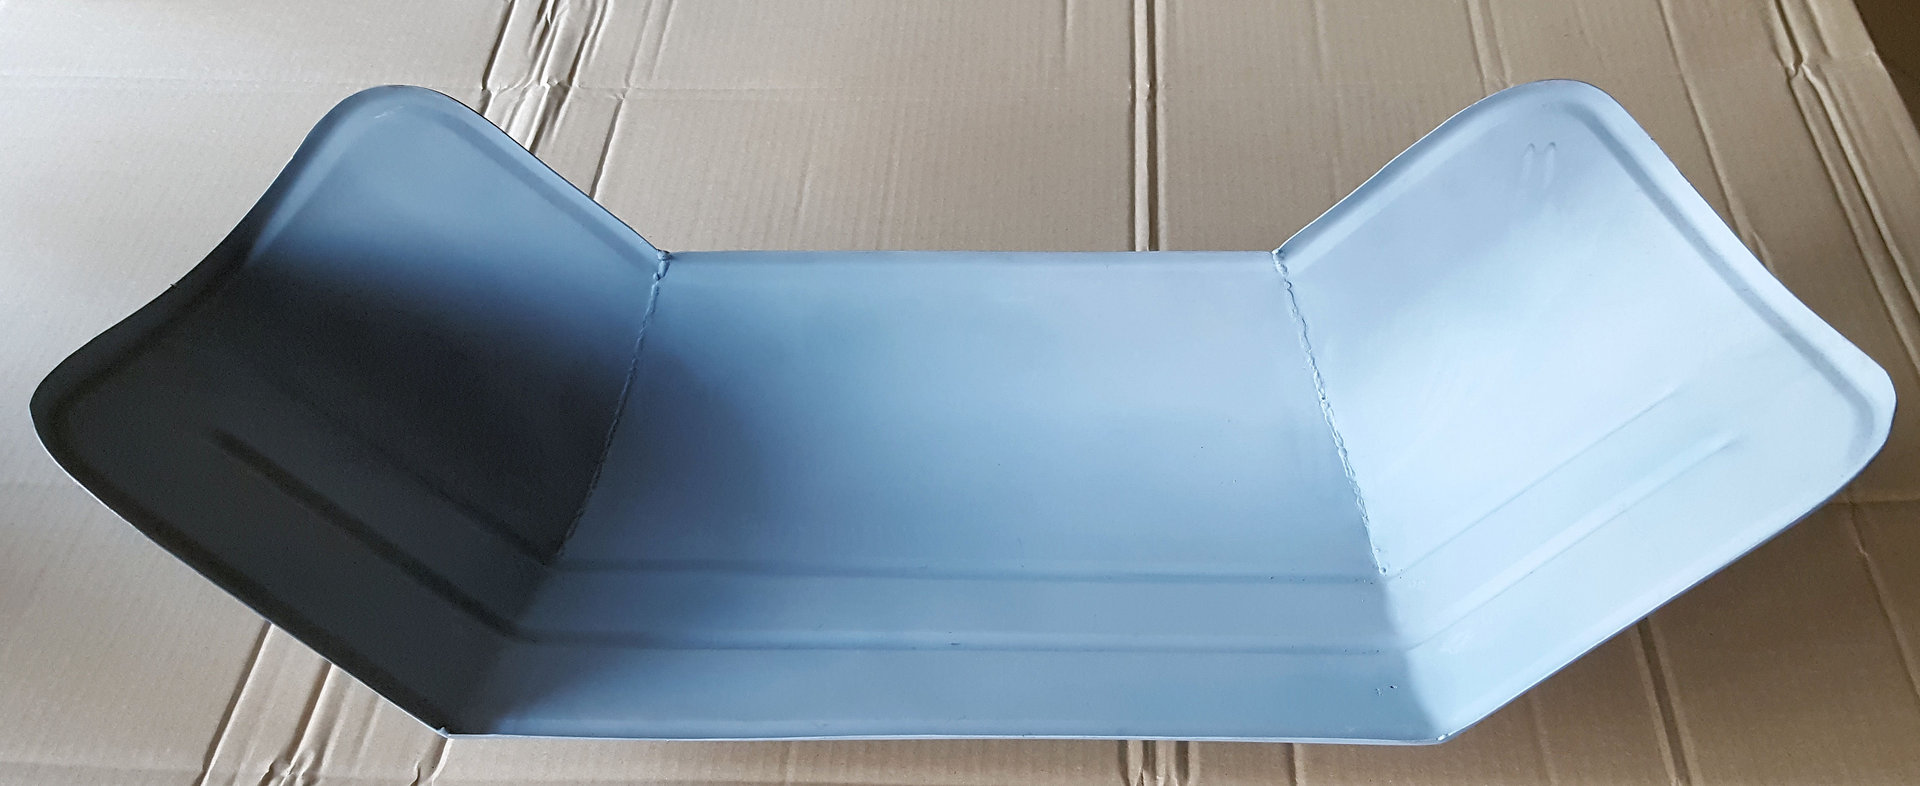 kotfl gel f r holder b10 105050 oldtimer kuepper. Black Bedroom Furniture Sets. Home Design Ideas